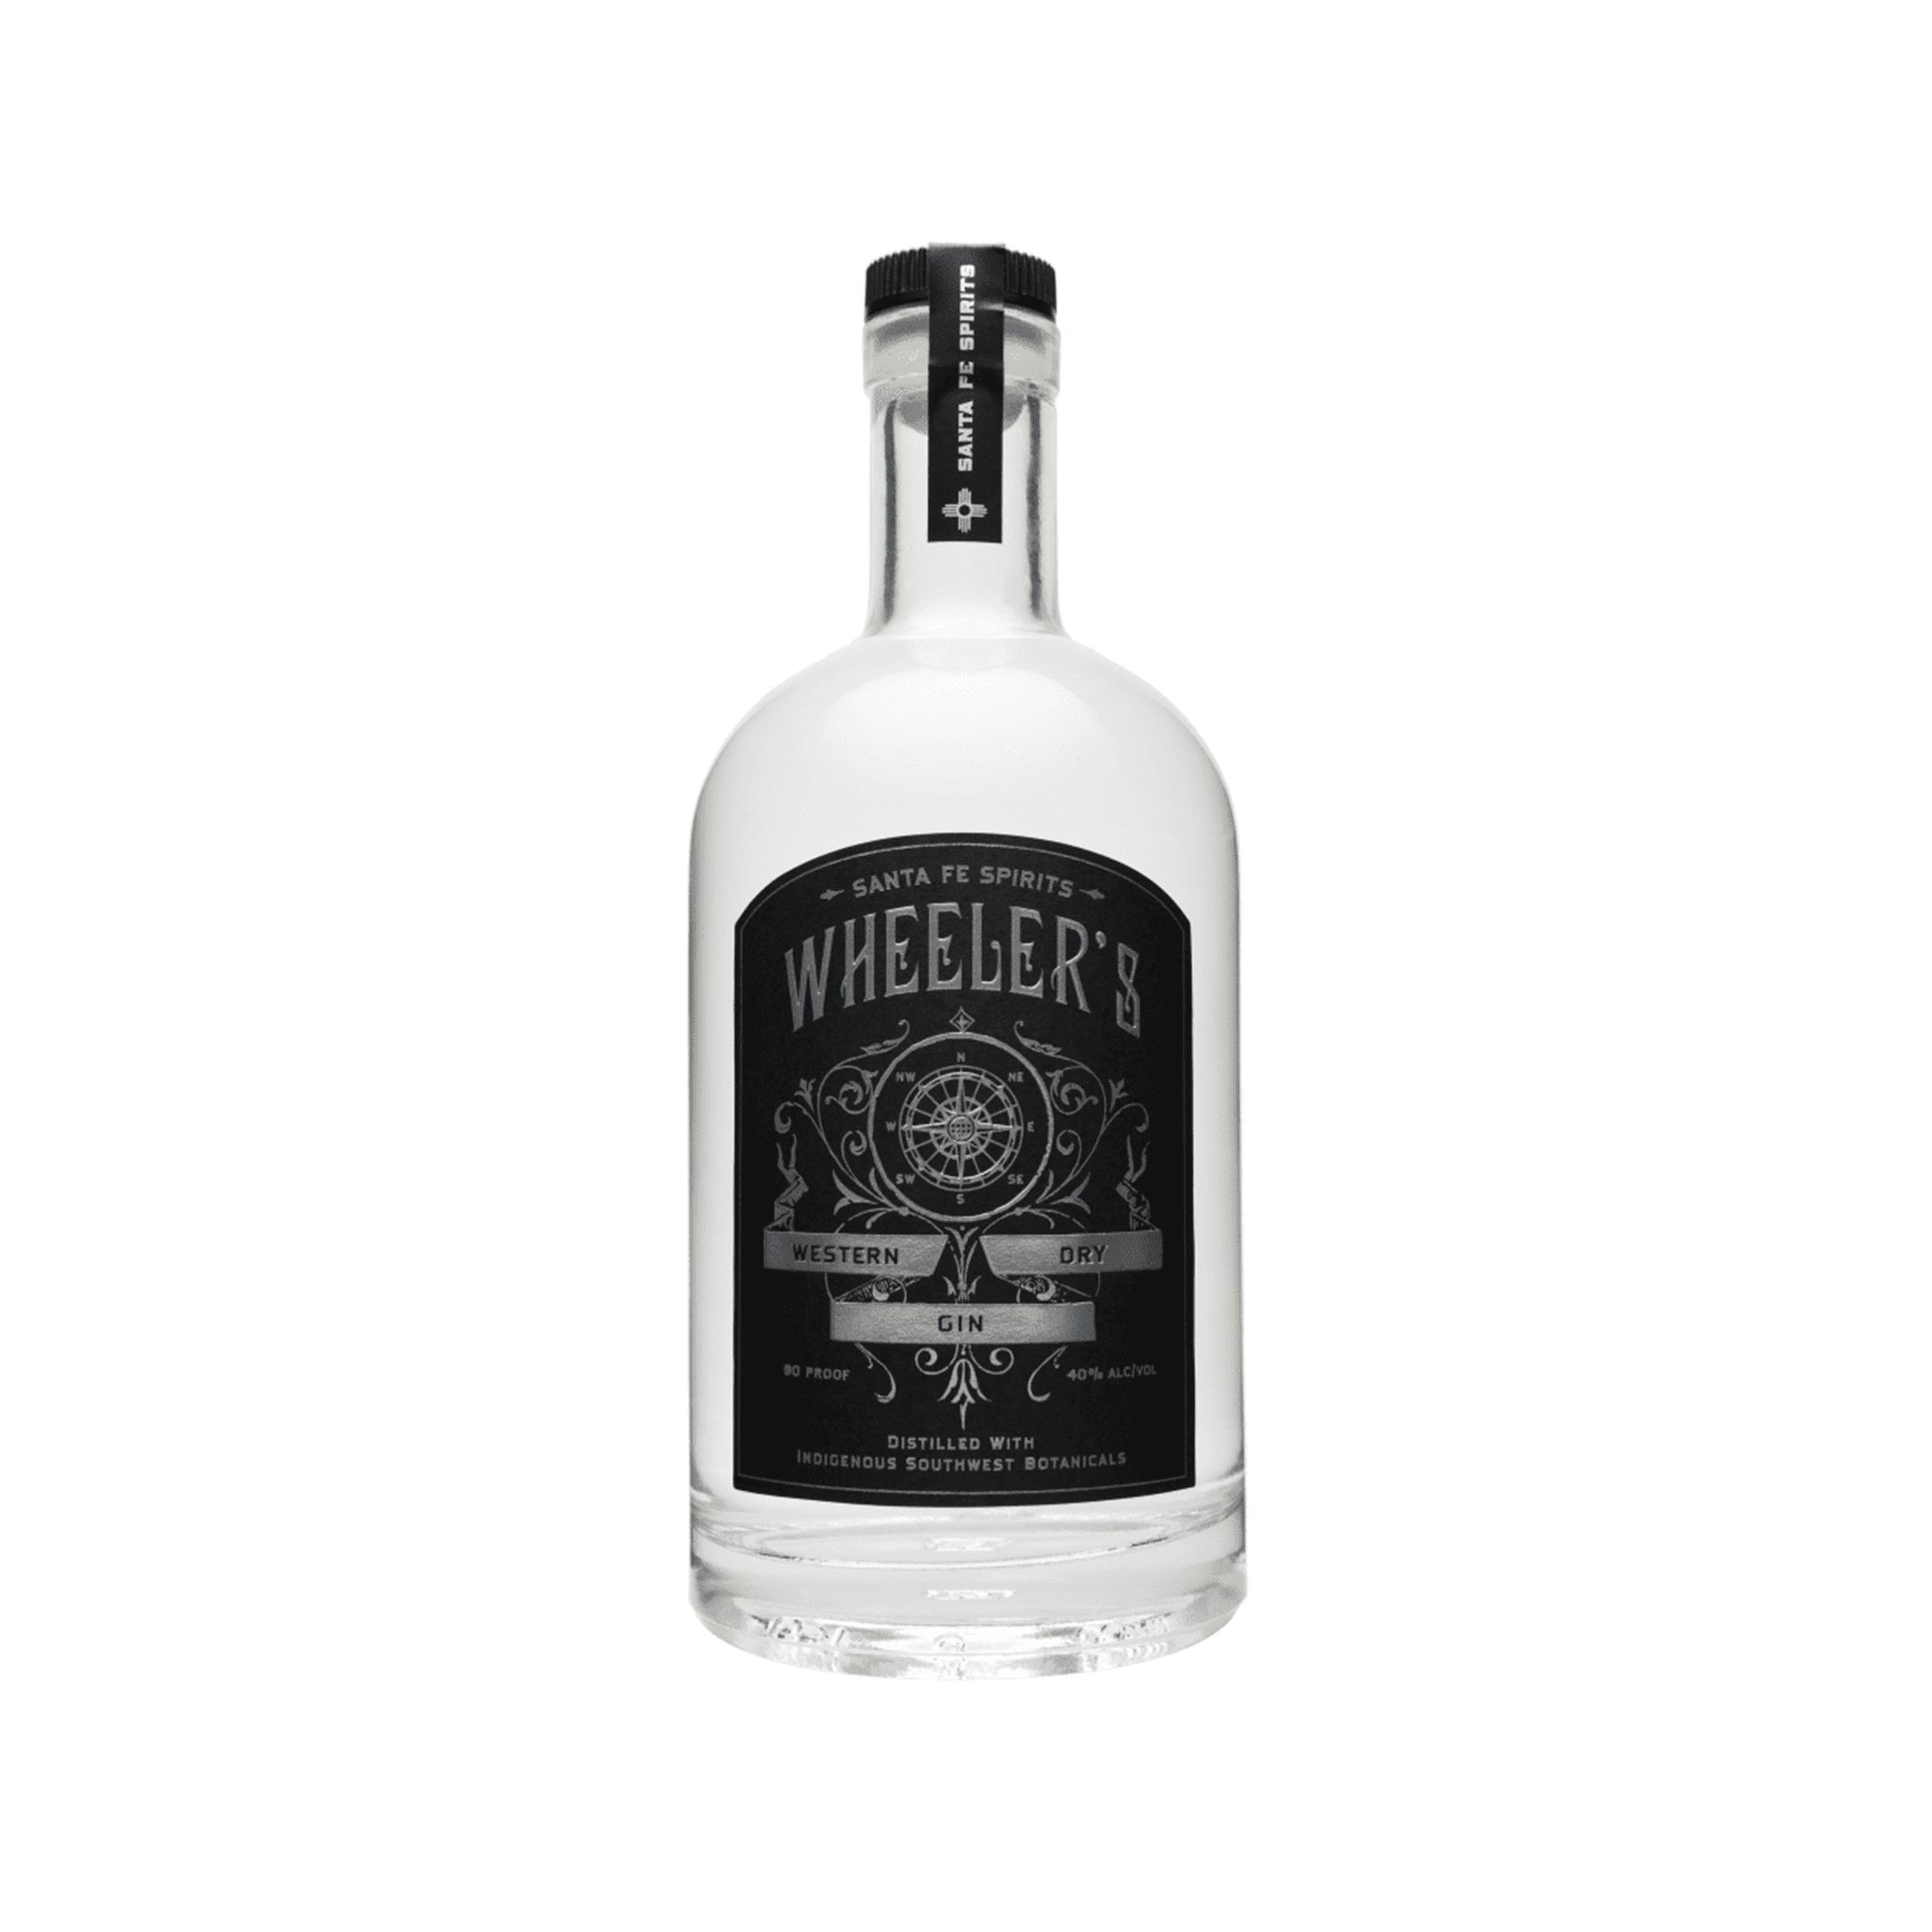 Bottle of Santa Fe Spirits's Wheeler's Gin